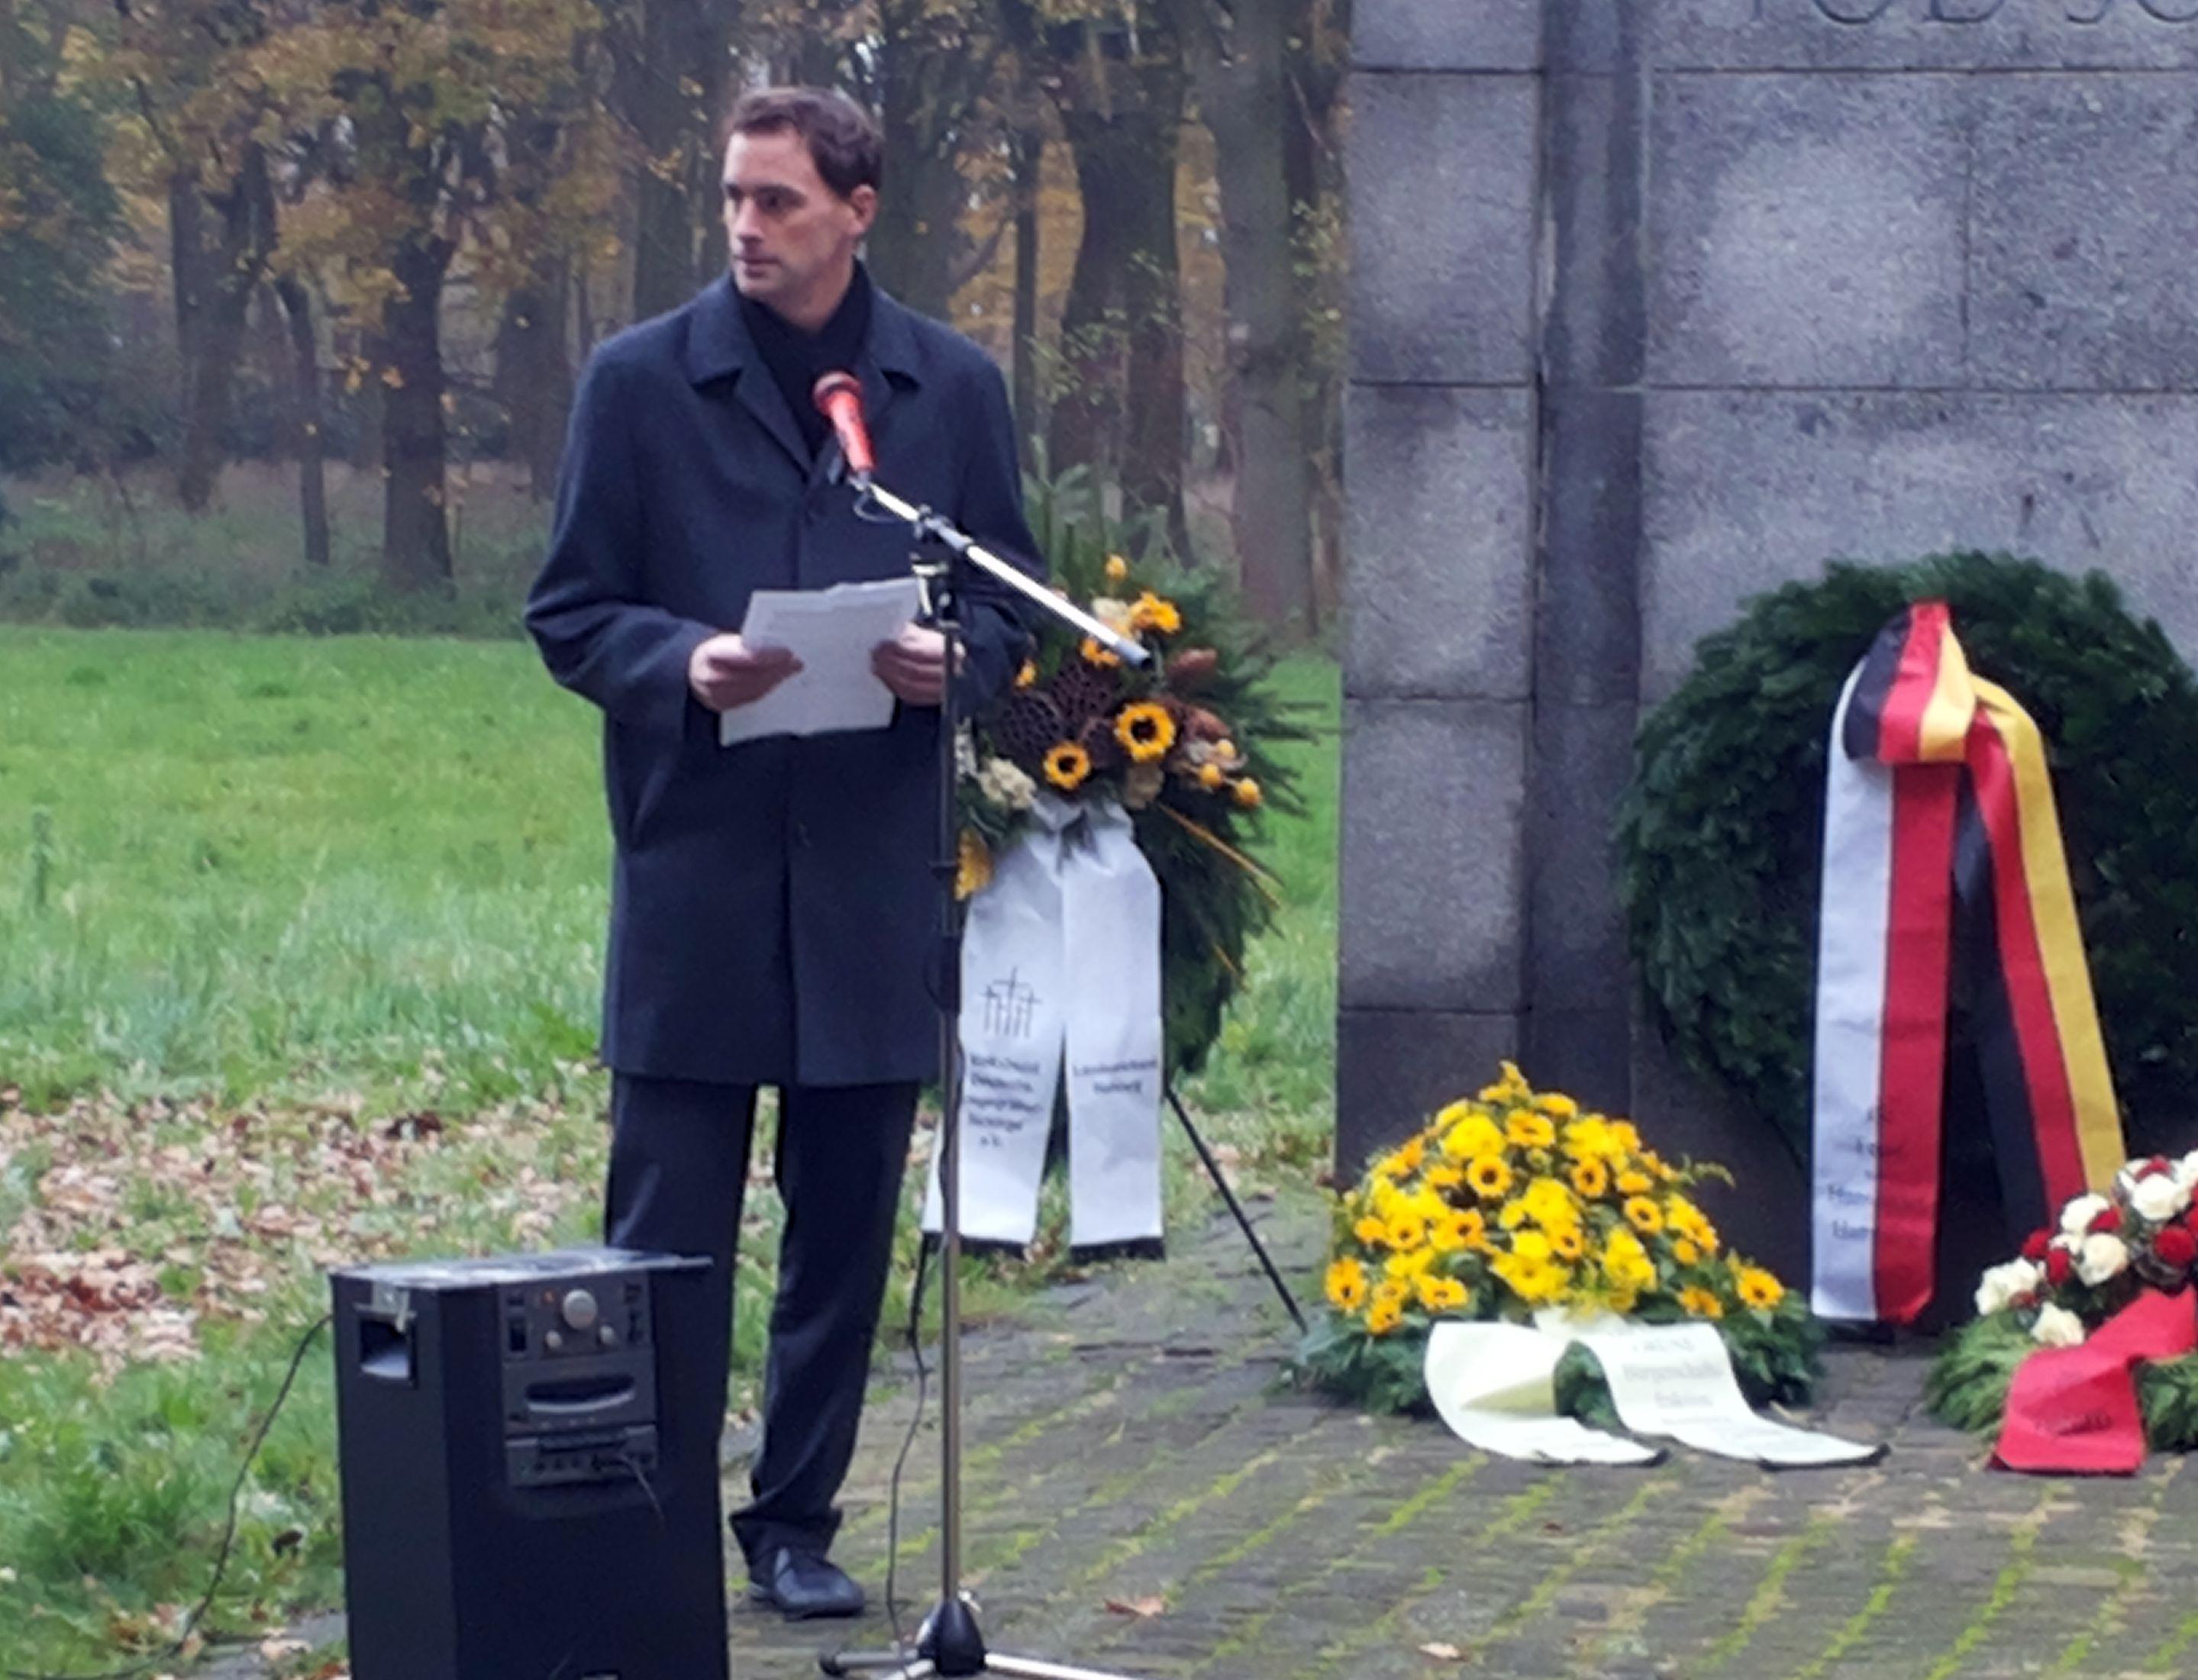 20131117_104312 Rede zum Volkstrauertag in der KZ Gedenkstätte Neuengamme (Nov. 2013)